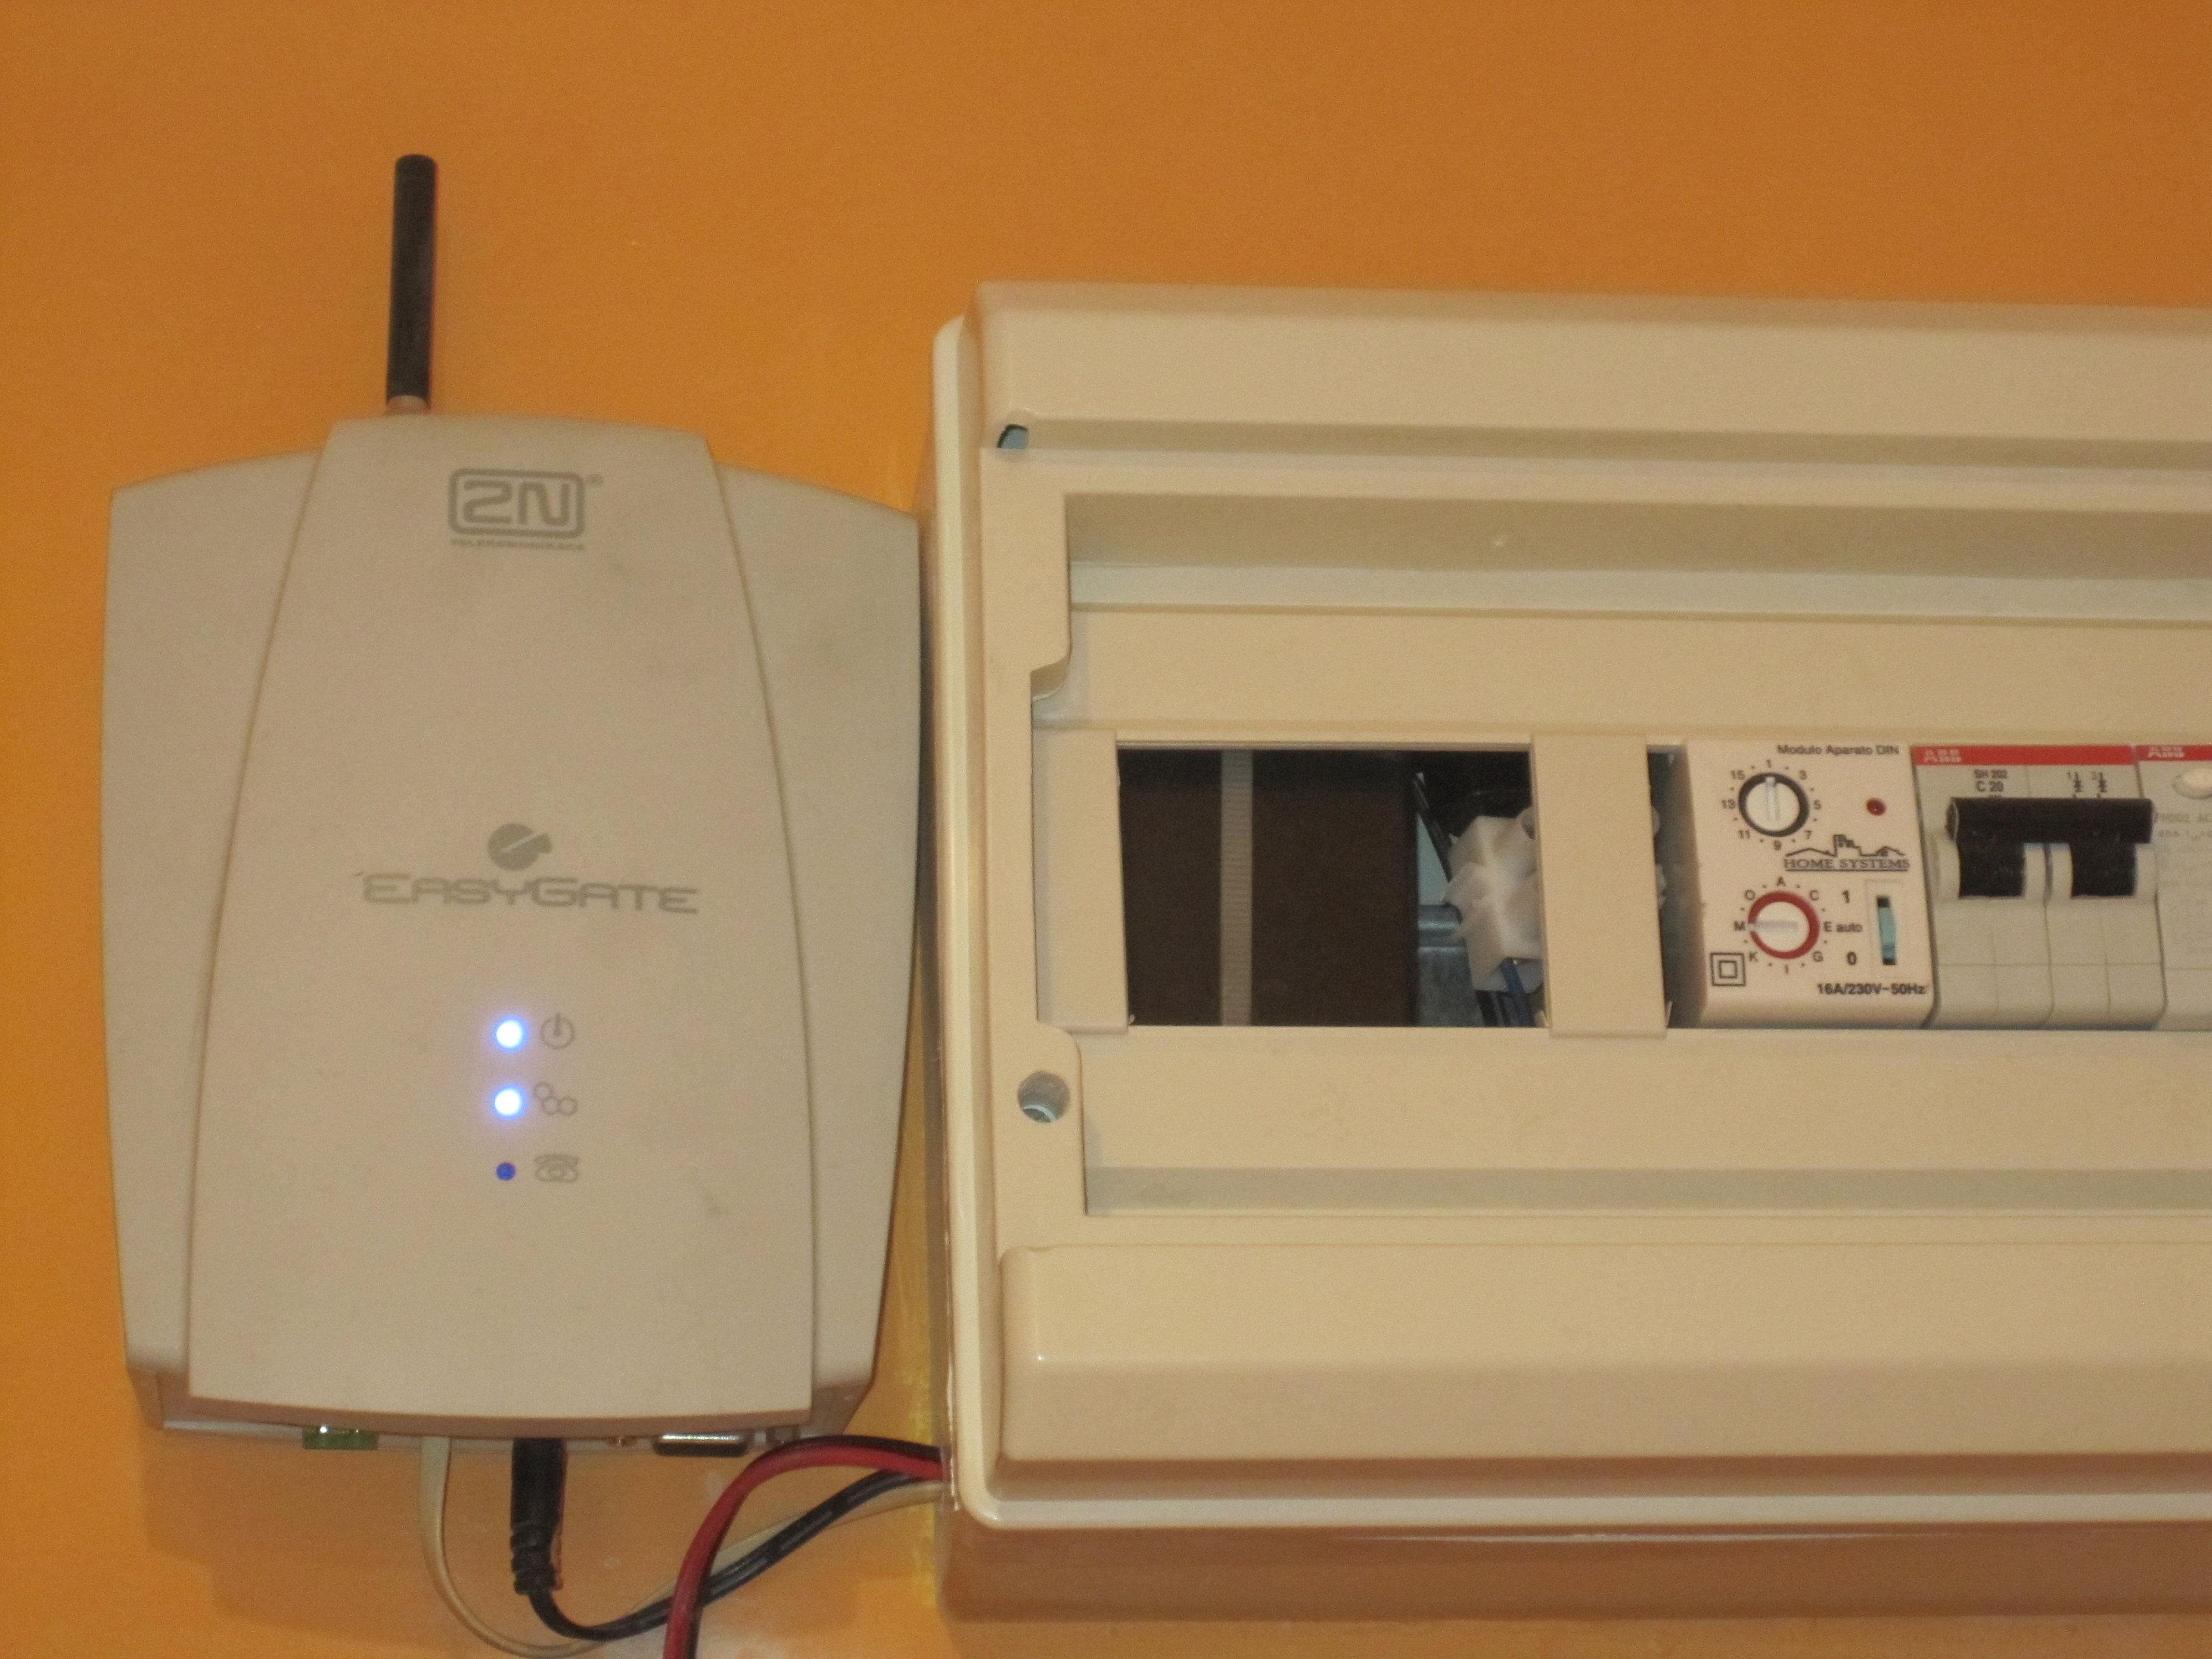 Gestion remota y alarma de casa el weblog de ivan ricondo ubanov - Poner linea telefonica en casa ...